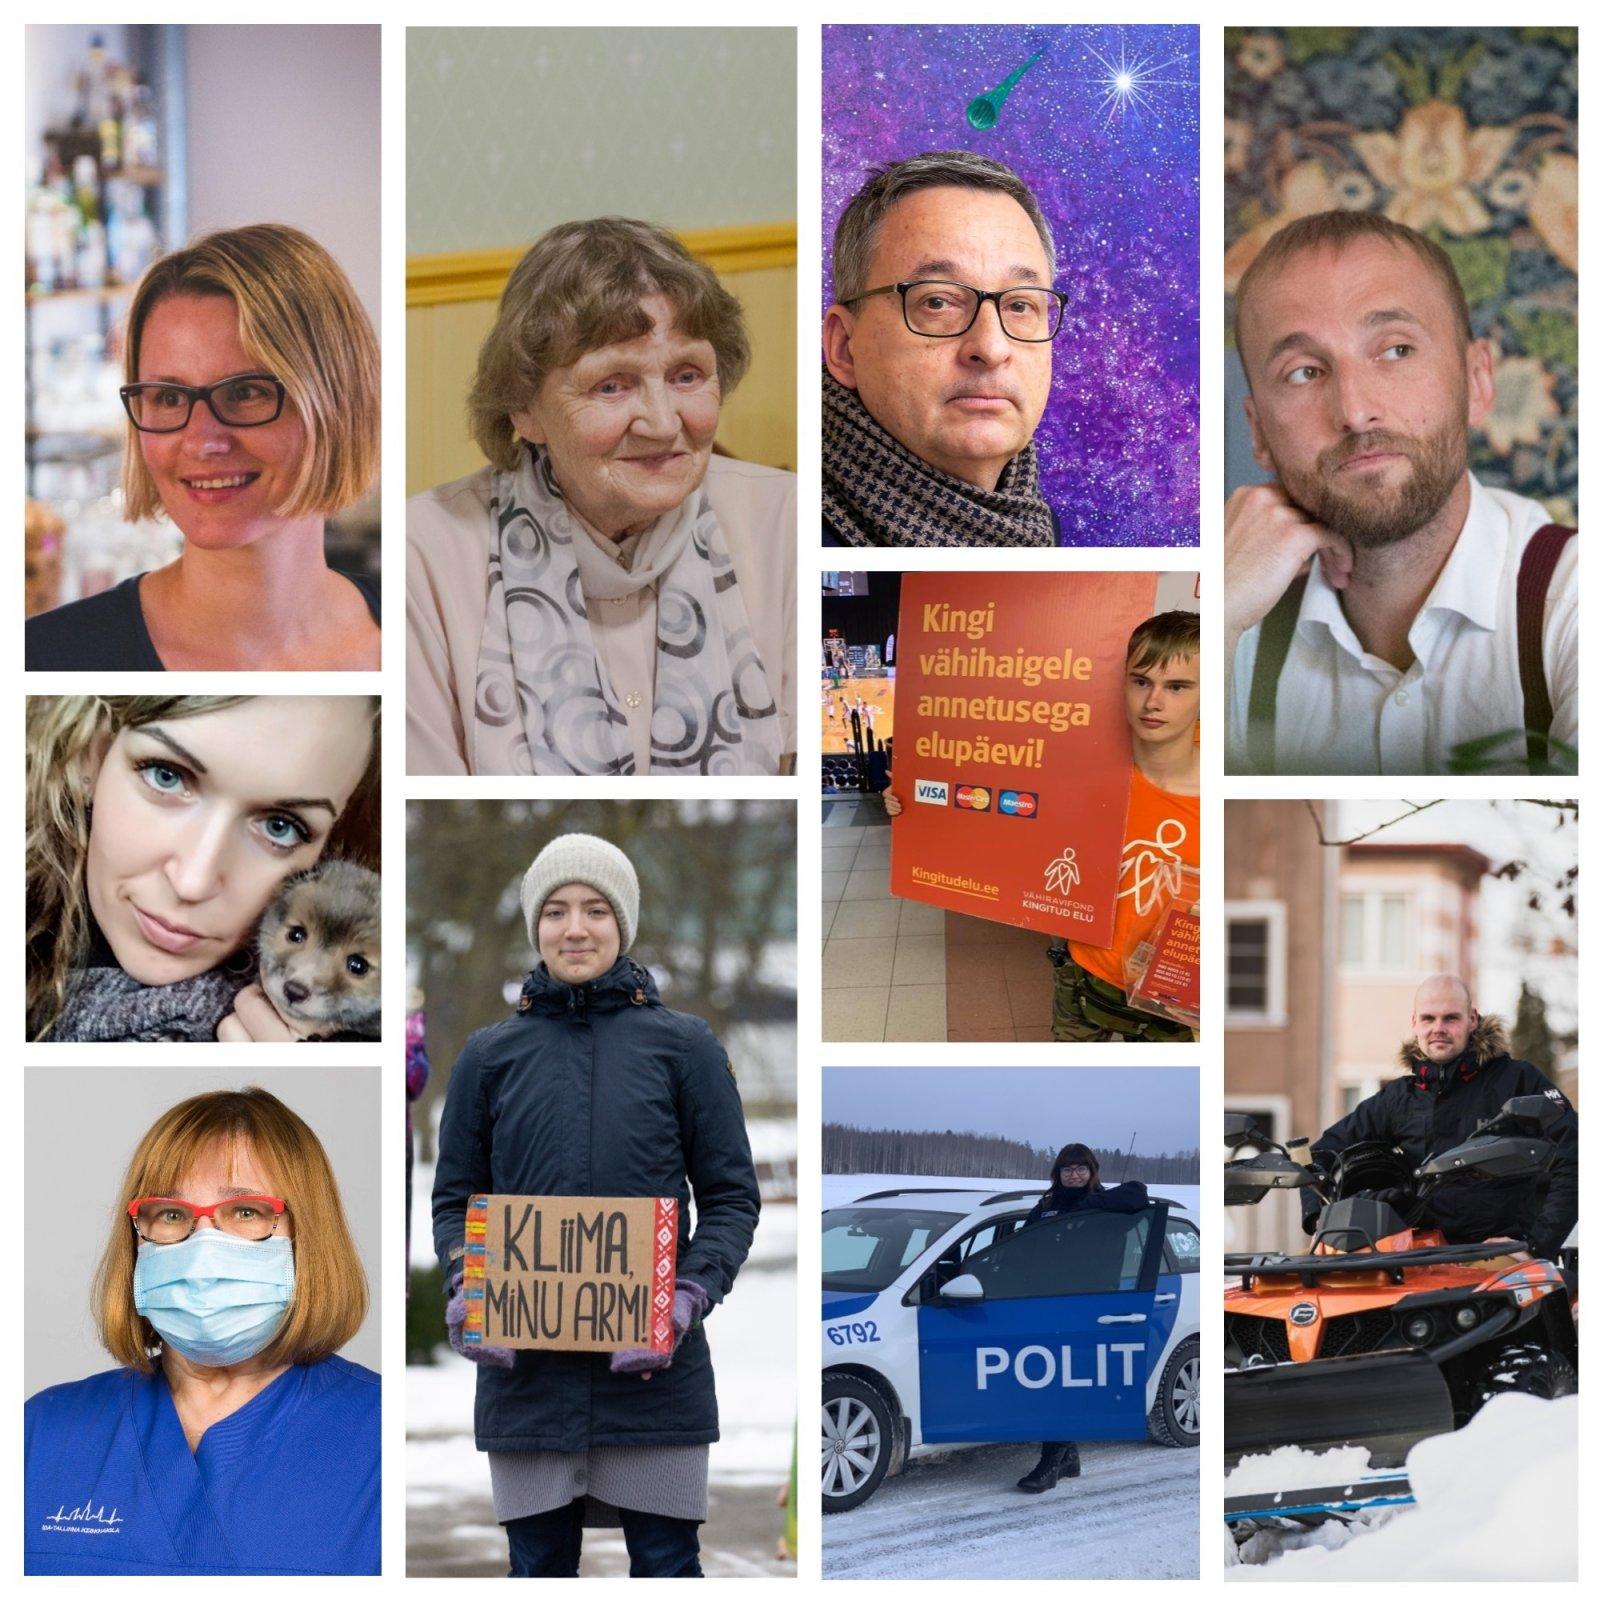 103 HEATEGIJAT   Mida sina Eesti heaks teha saad? Need inimesed kannavad väikeste tegudega suurt missiooni